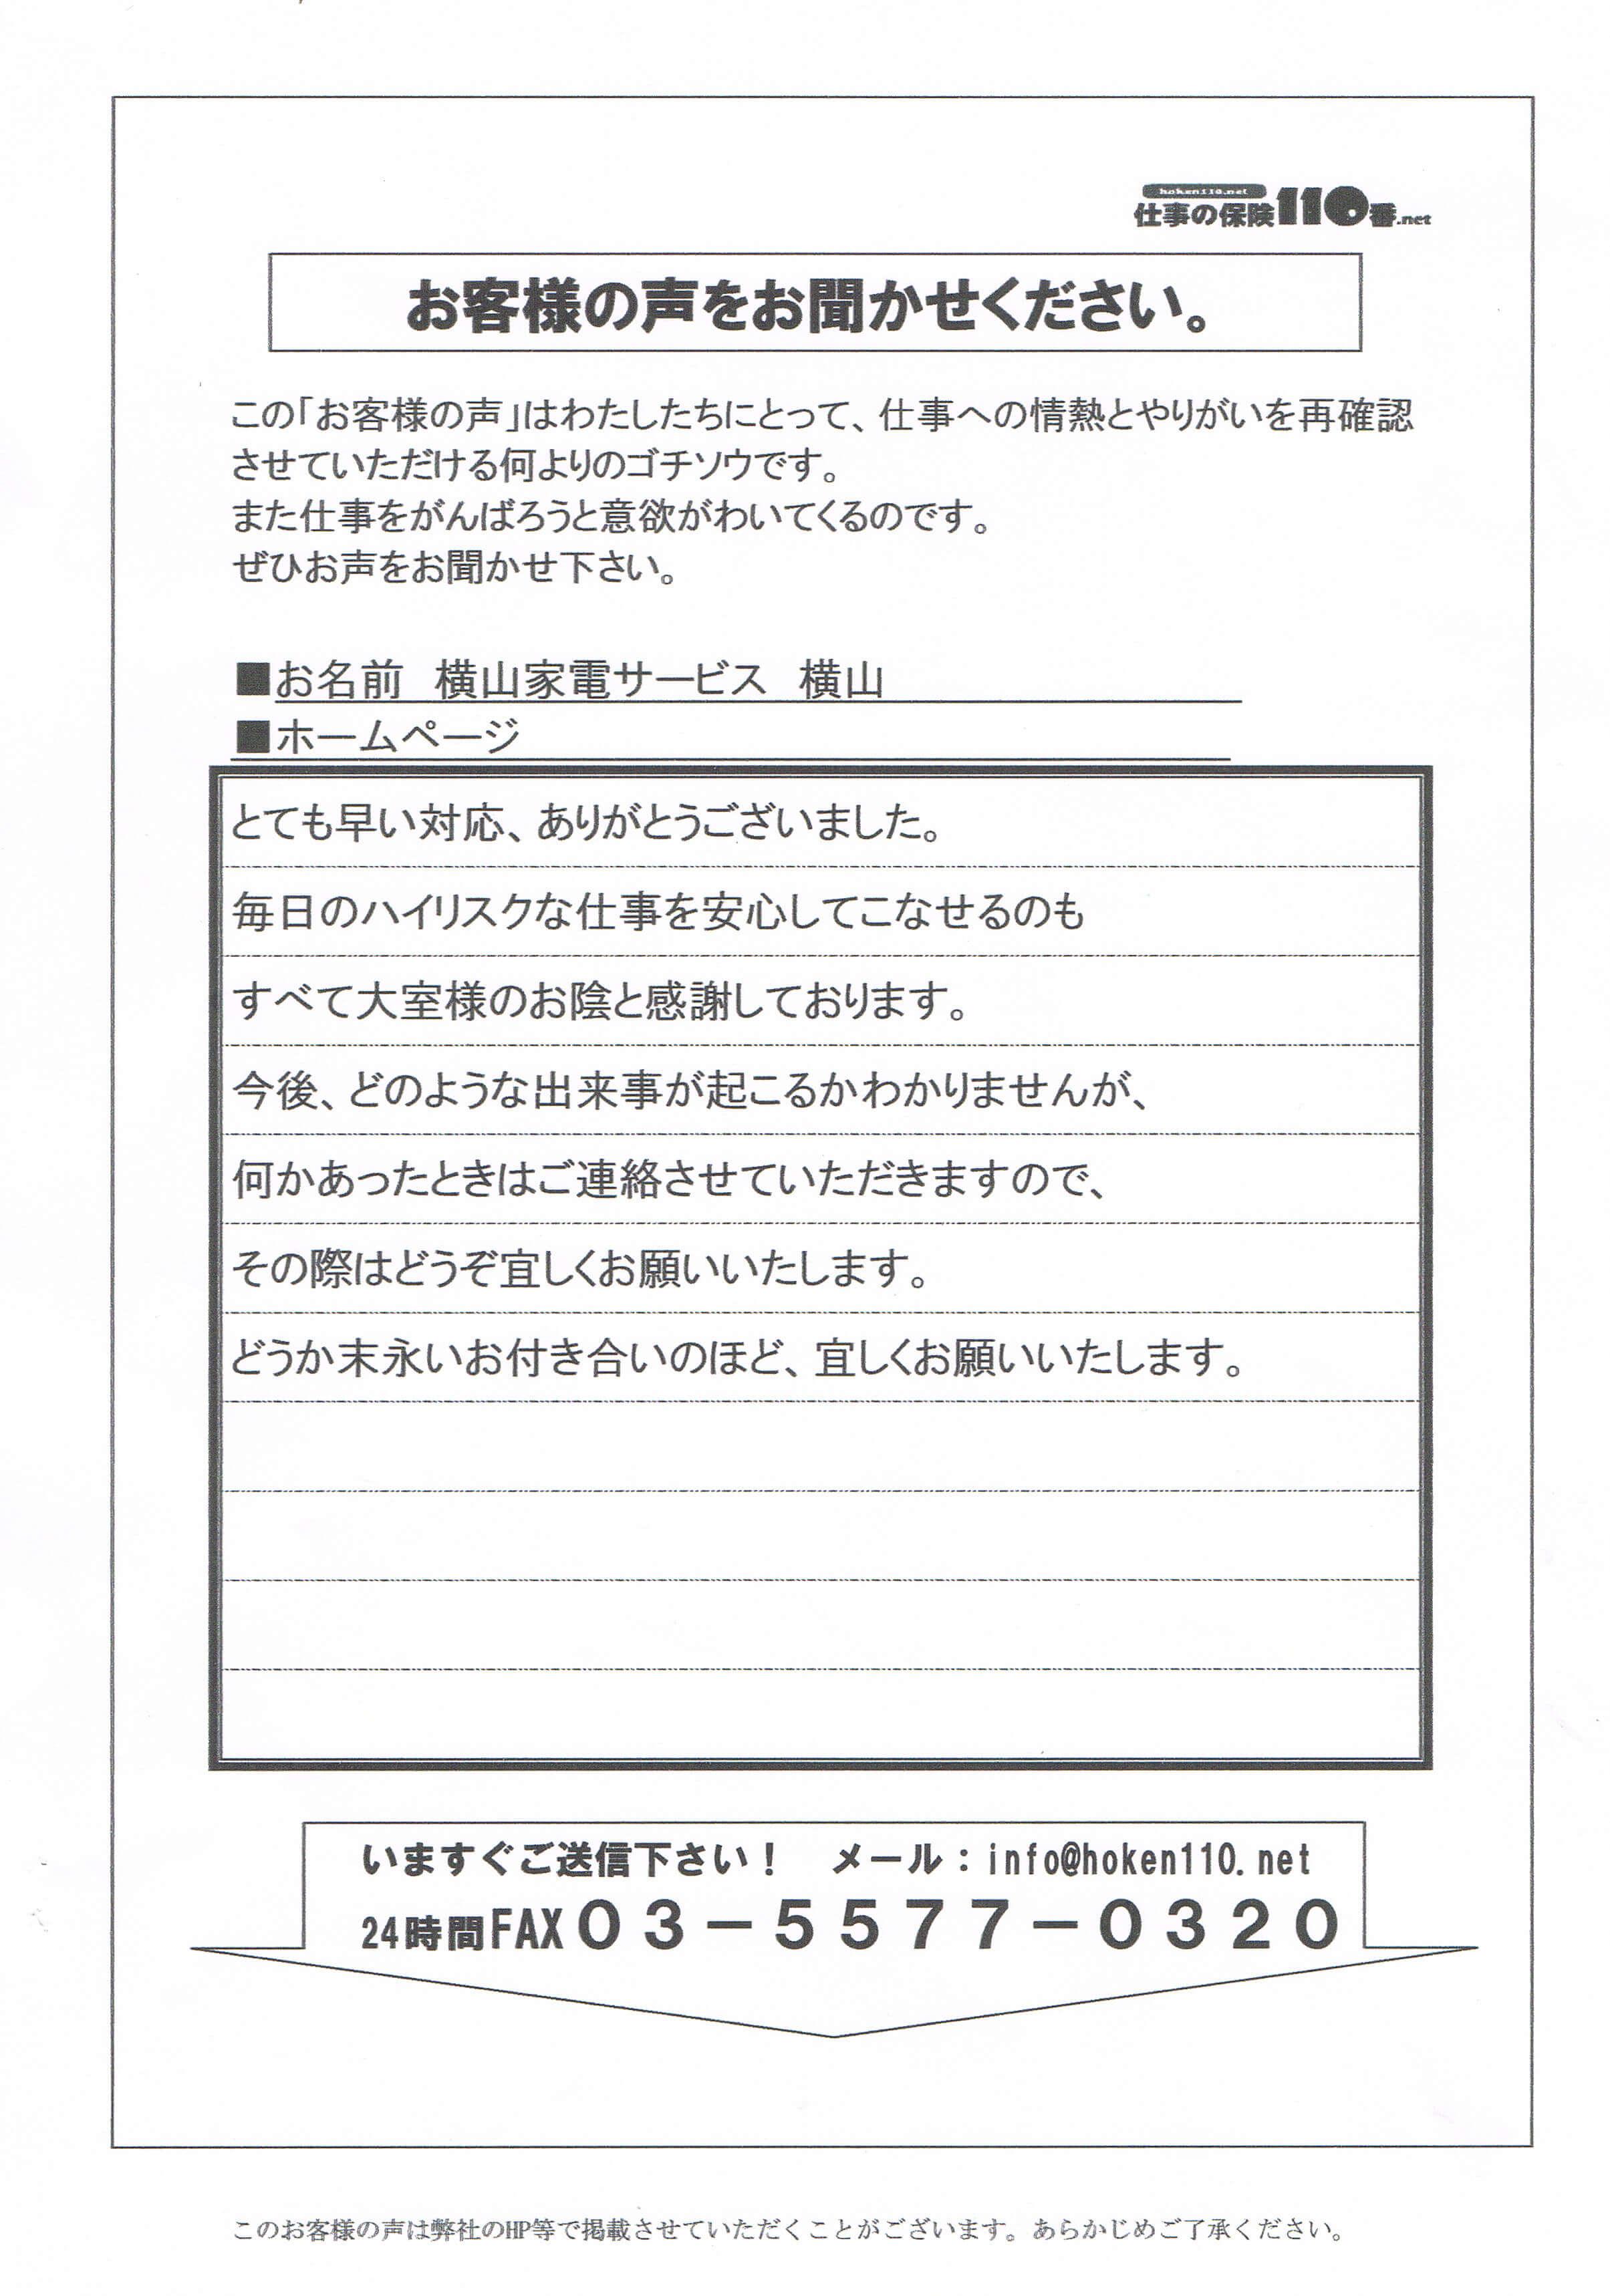 23.3.9 yokoyama.jpg